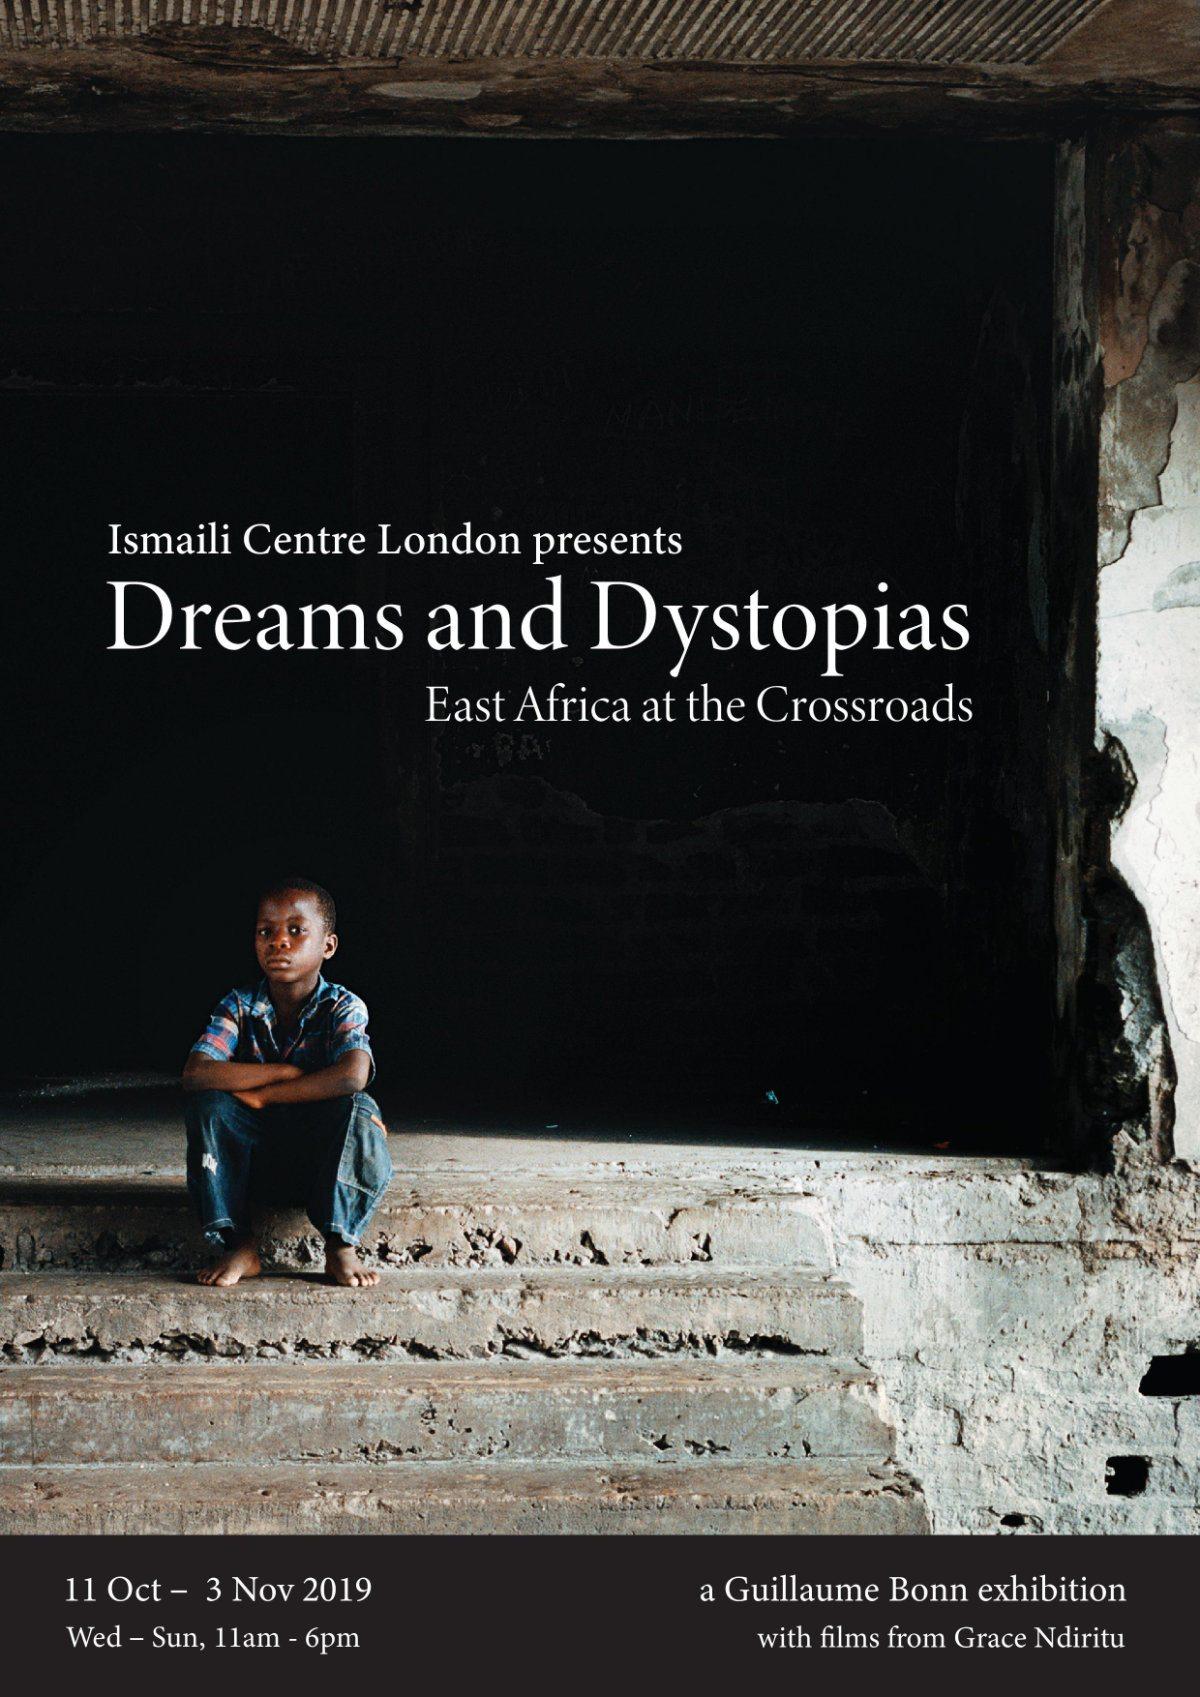 Dreams & Dystopias Flyer